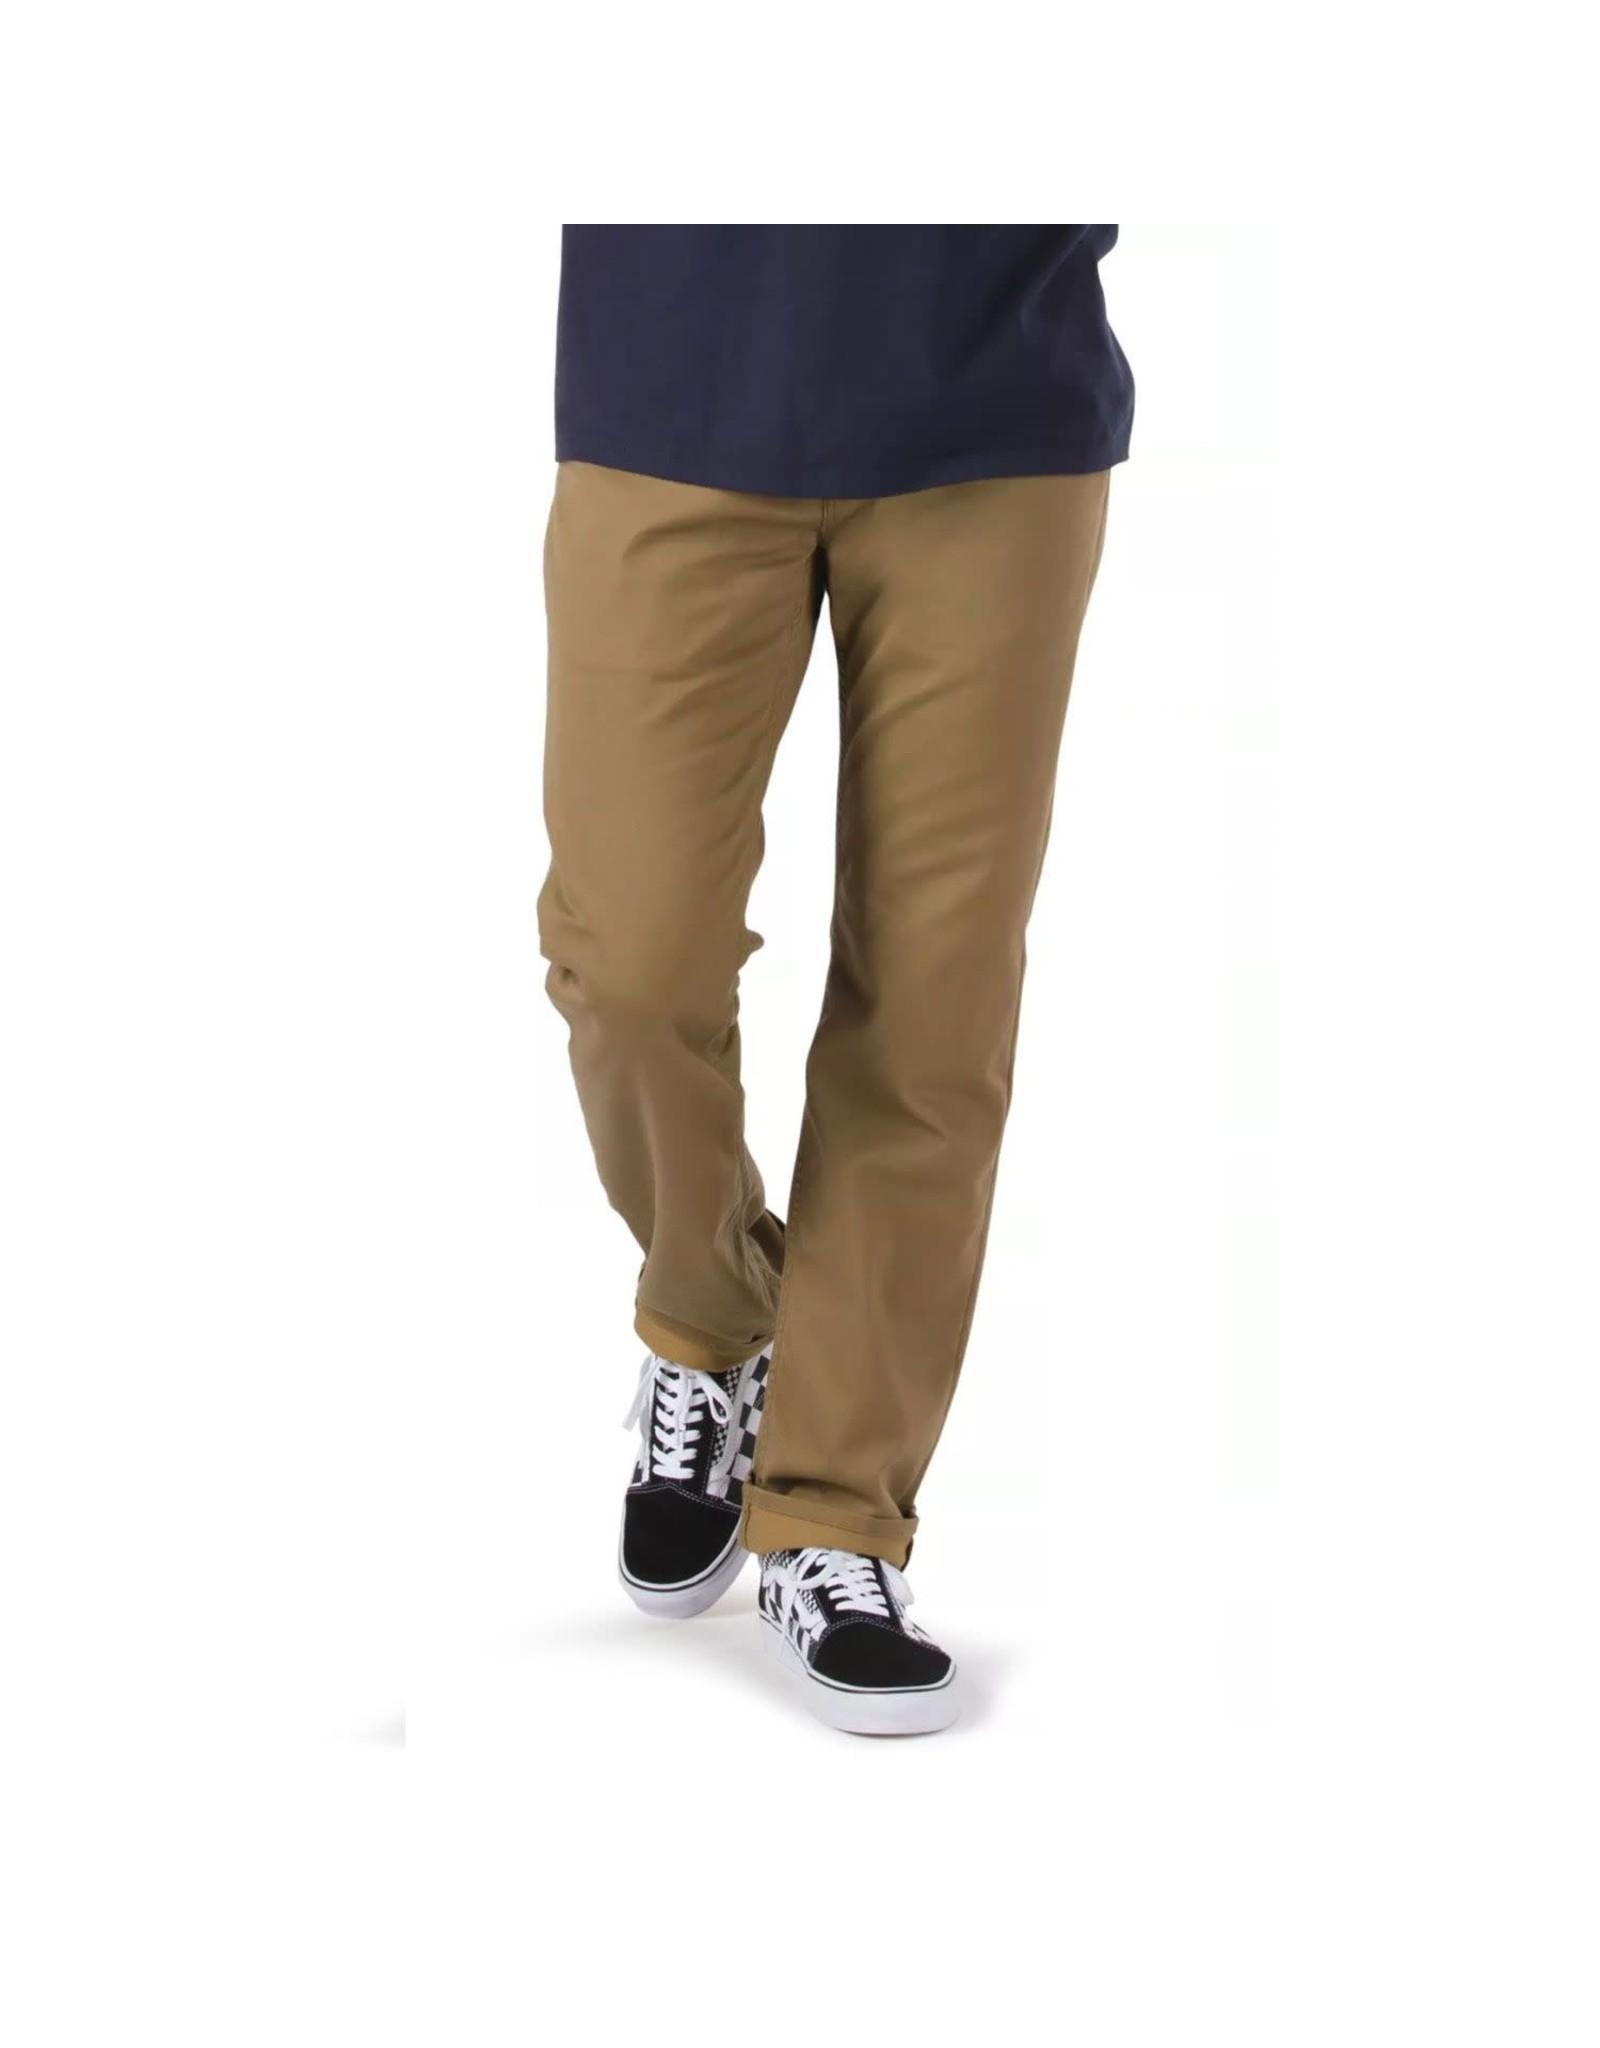 Vans M's V56 Standard Pant